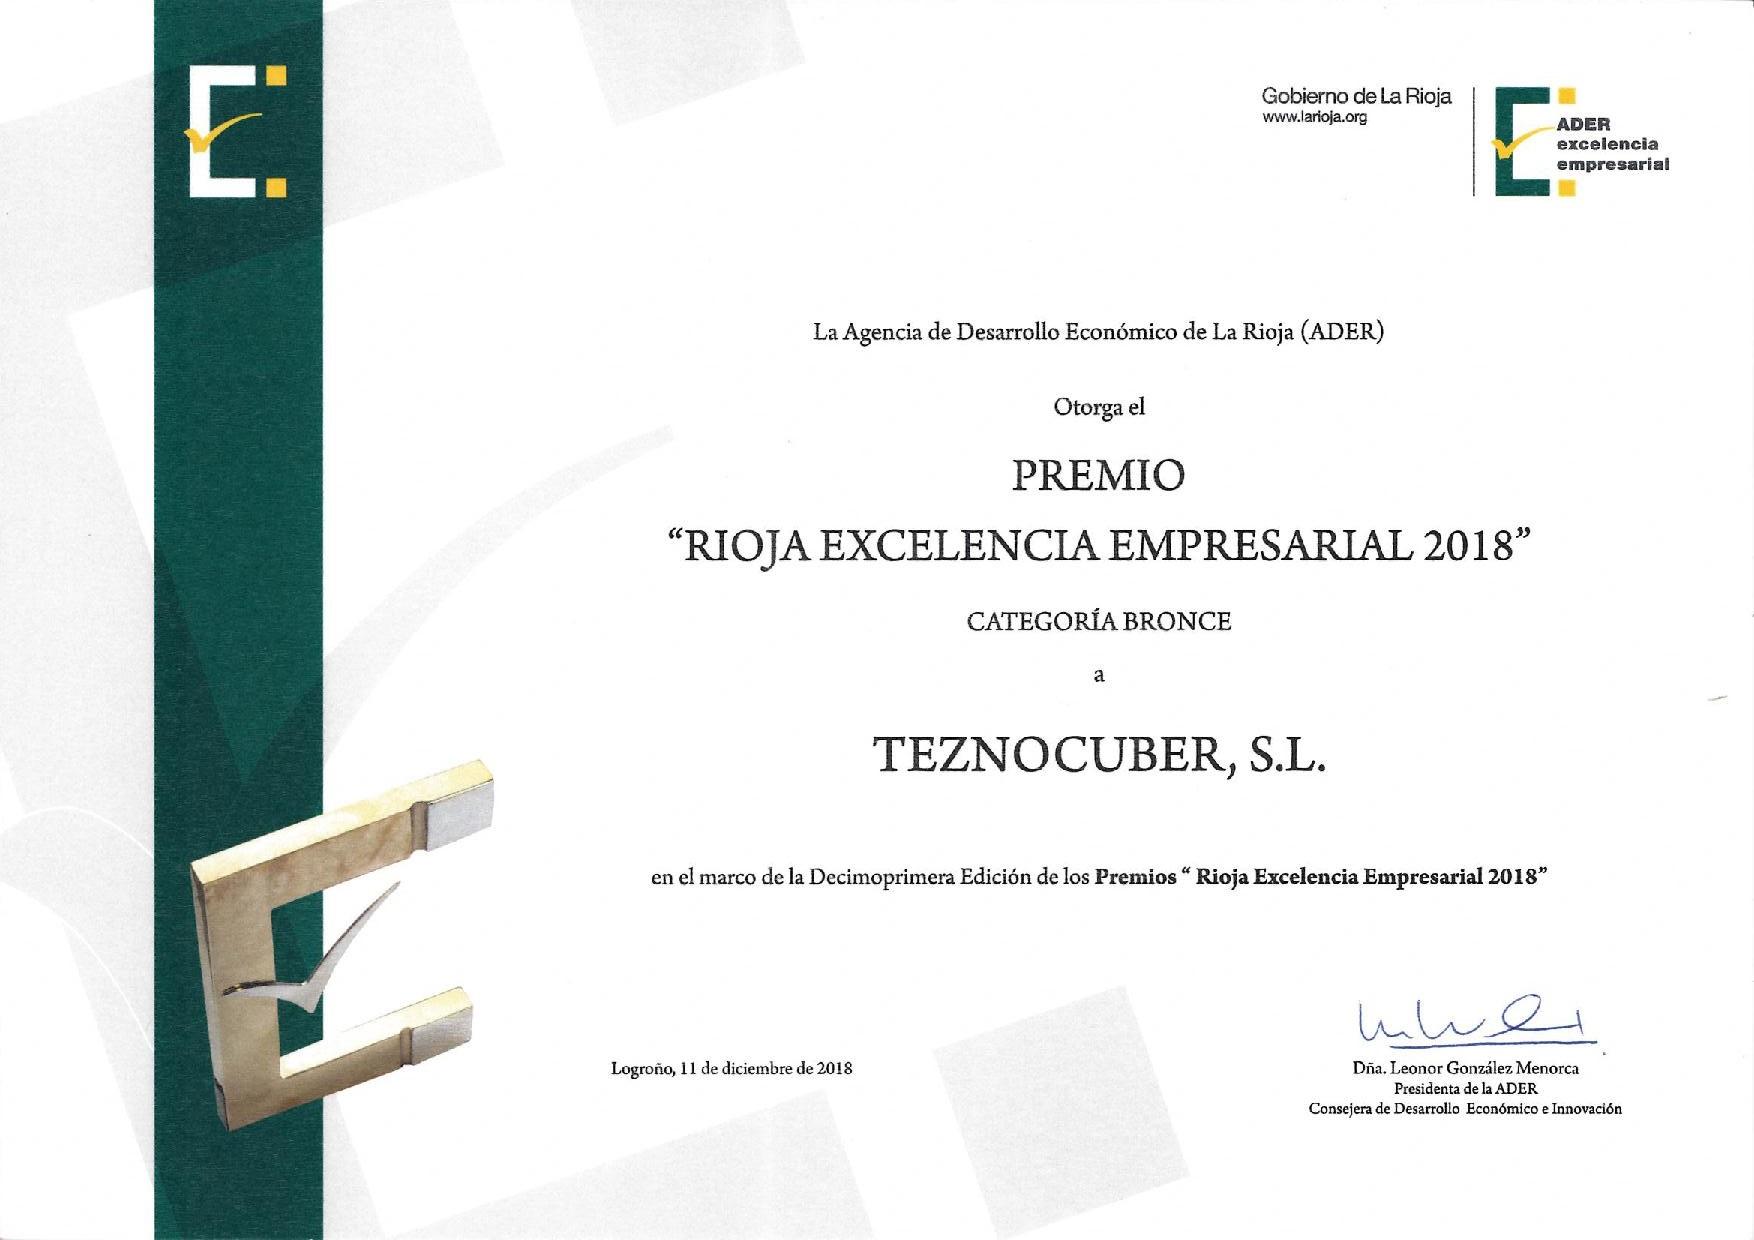 Teznocuber Composites S.L., galardonada en los Premios Rioja Excelencia y Certificado de Excelencia en la categoría bronce